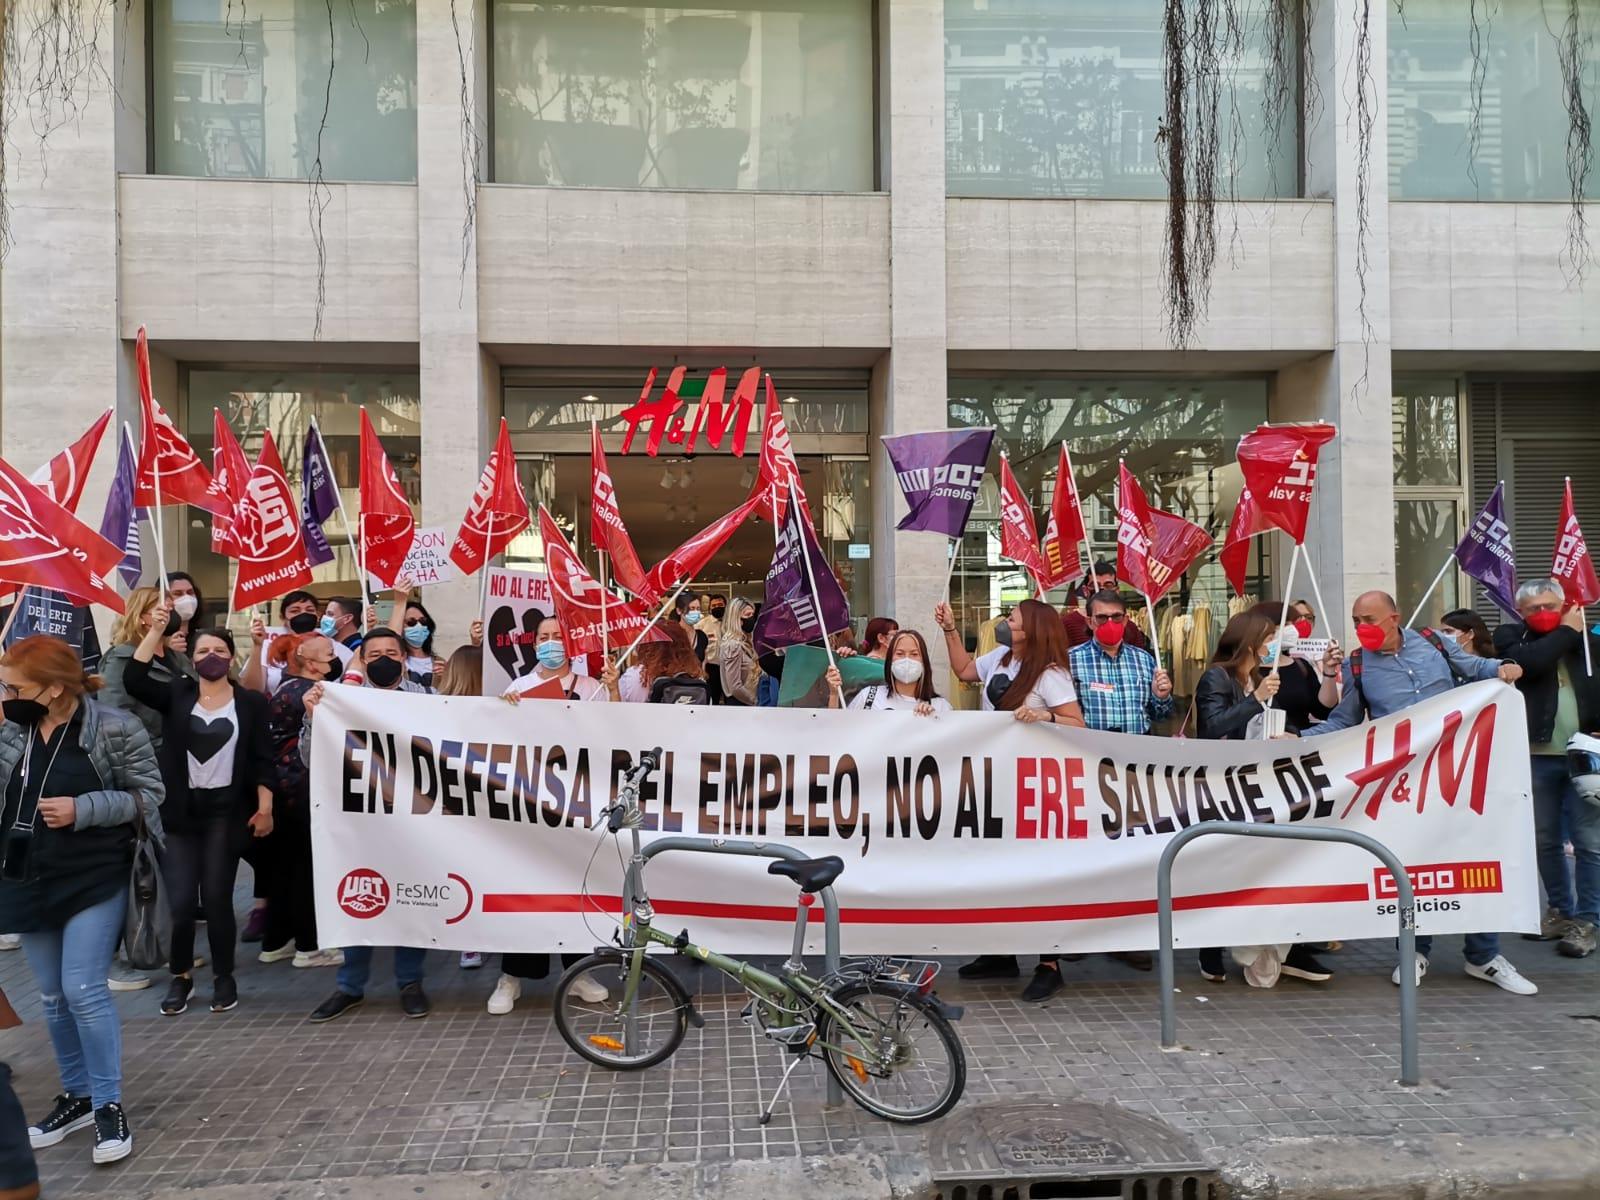 Protesta delante del H&M de València por el ERE